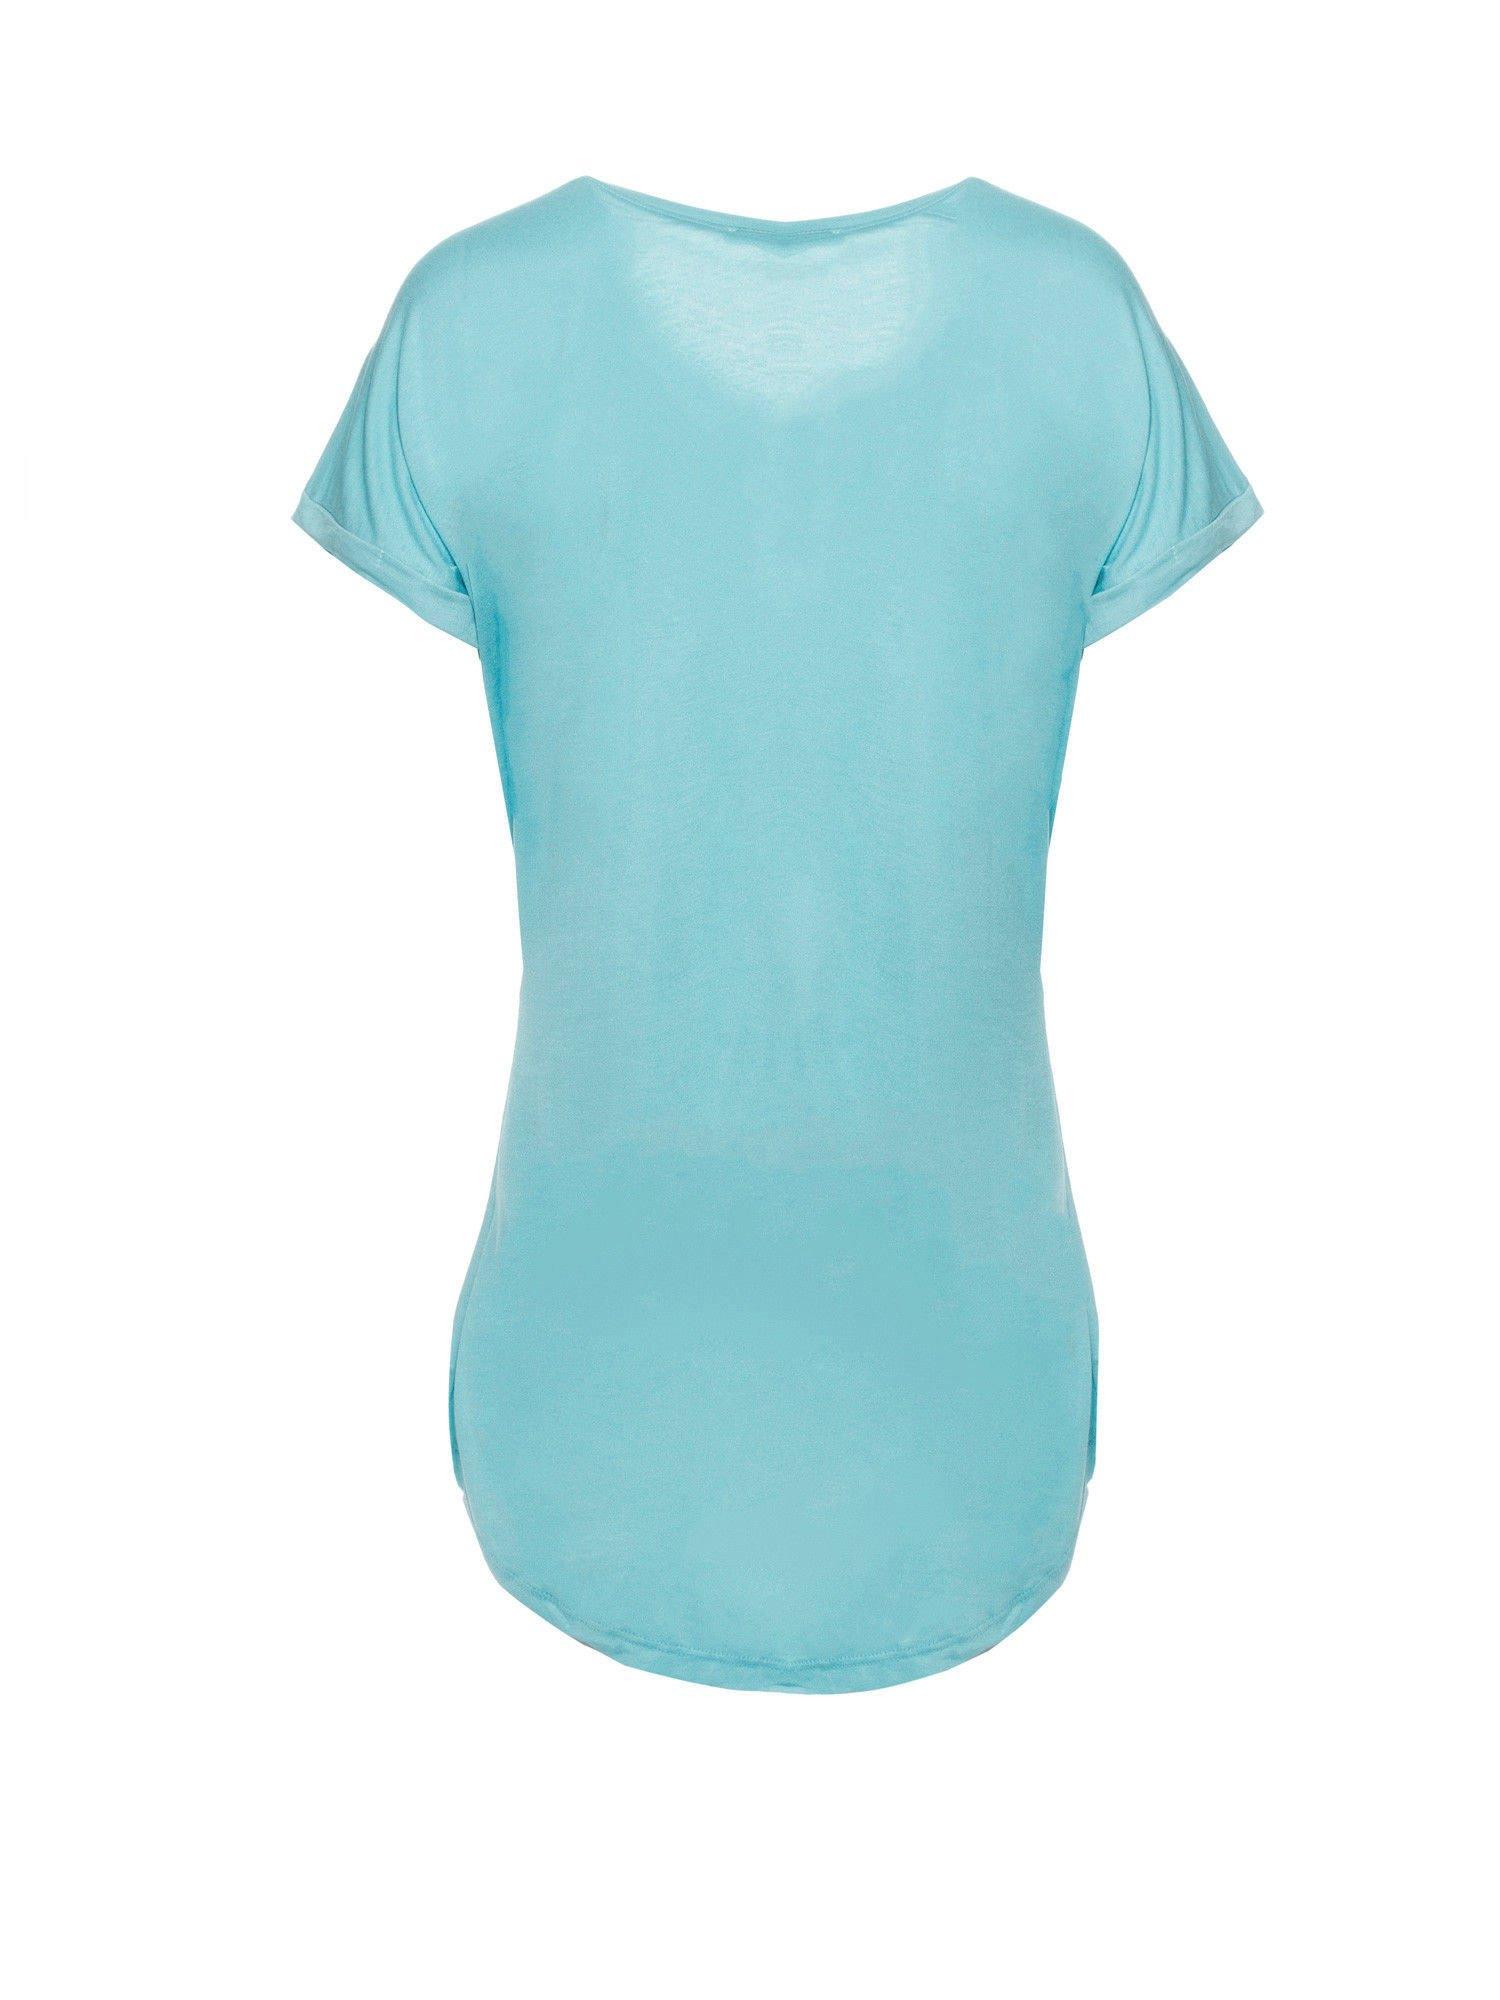 Niebieski t-shirt z nadrukiem ptaszka w klatce                                  zdj.                                  2